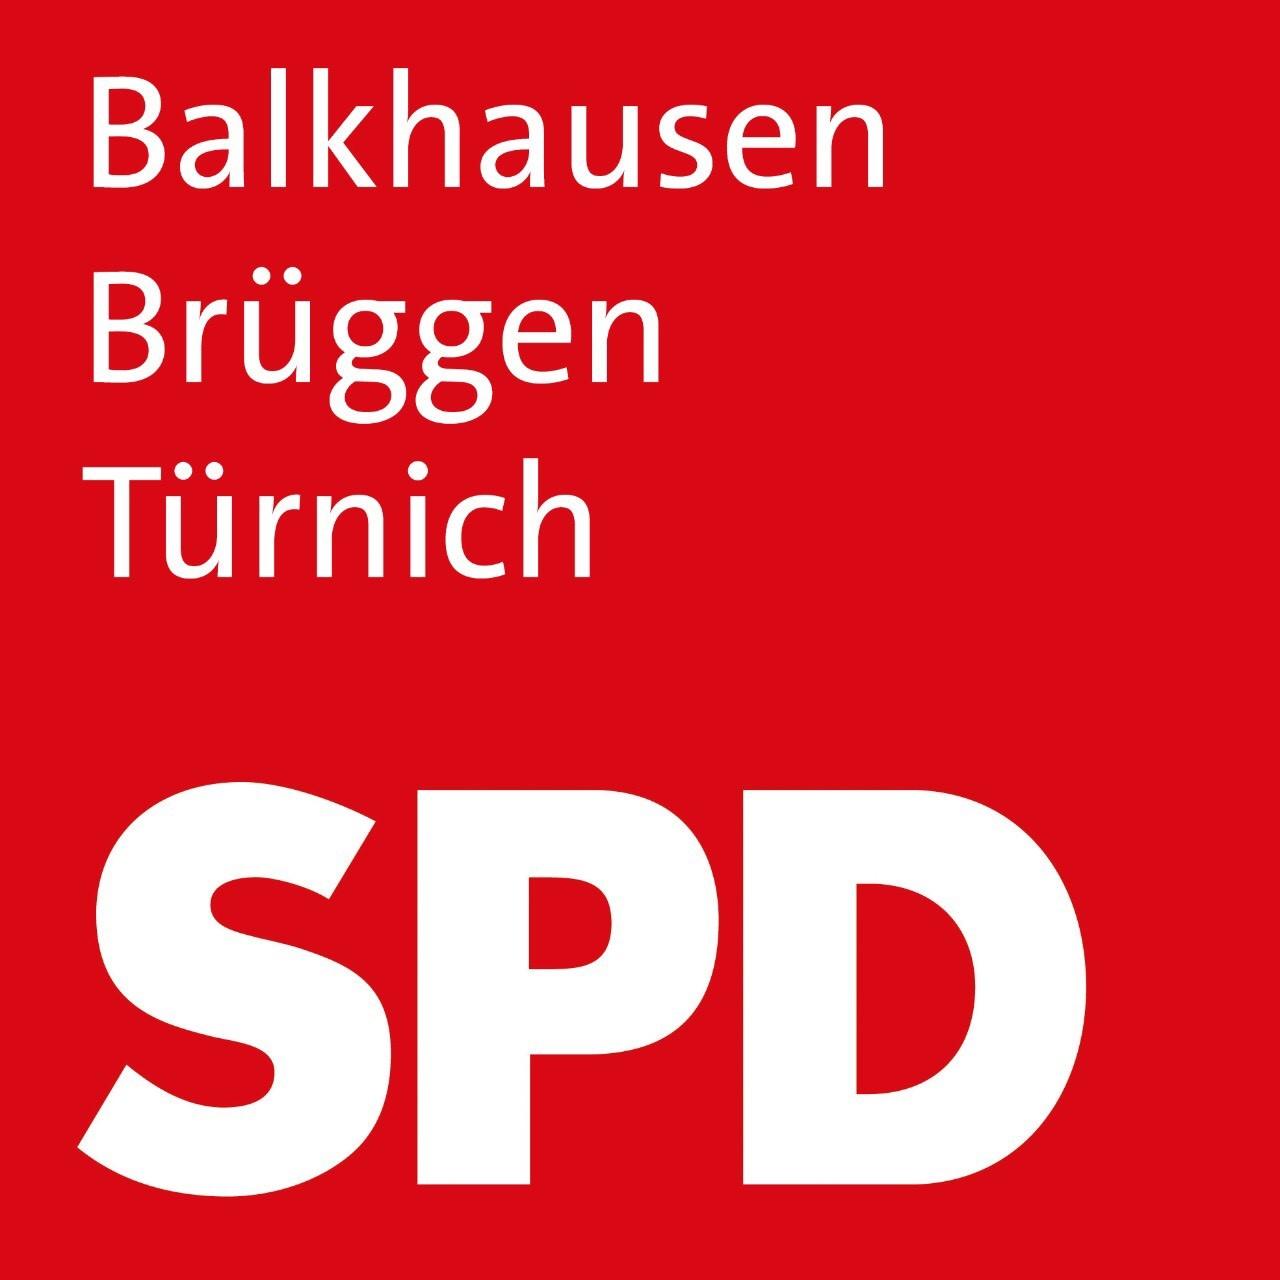 SPD Ortsverein Balkhausen Brüggen Türnich